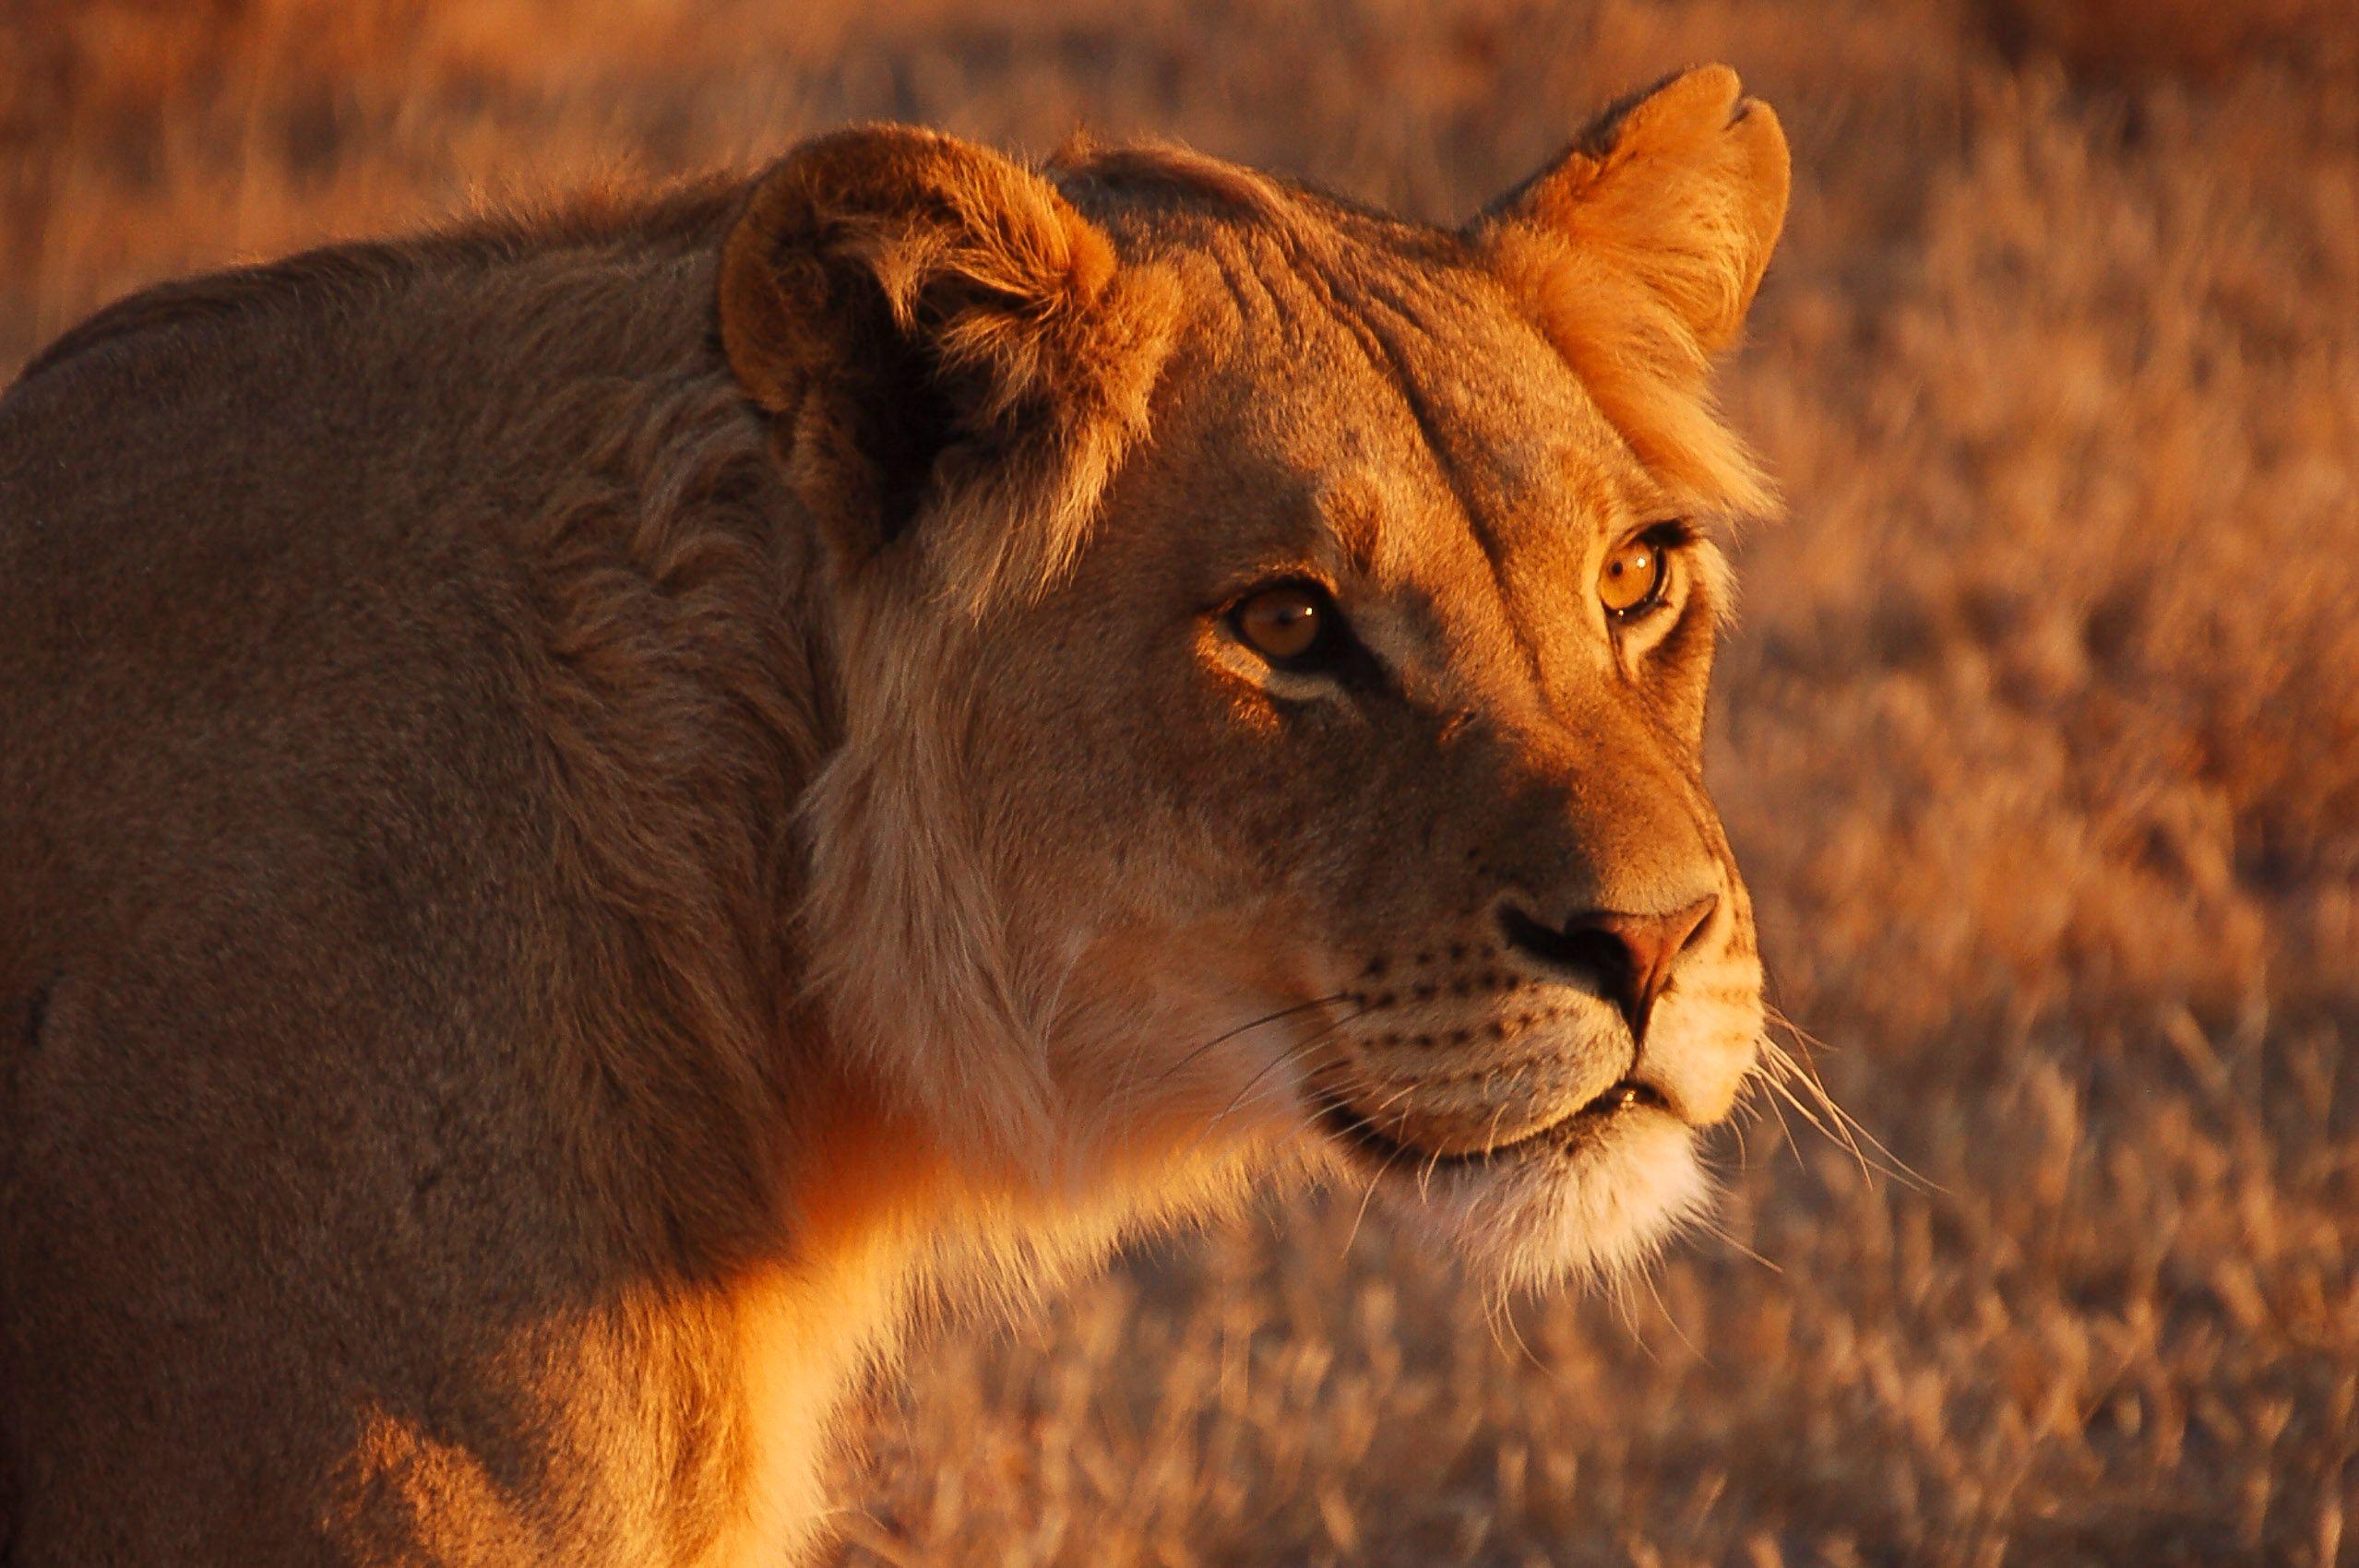 botswana_kalahari_desert_central_kalahari_lion.jpg